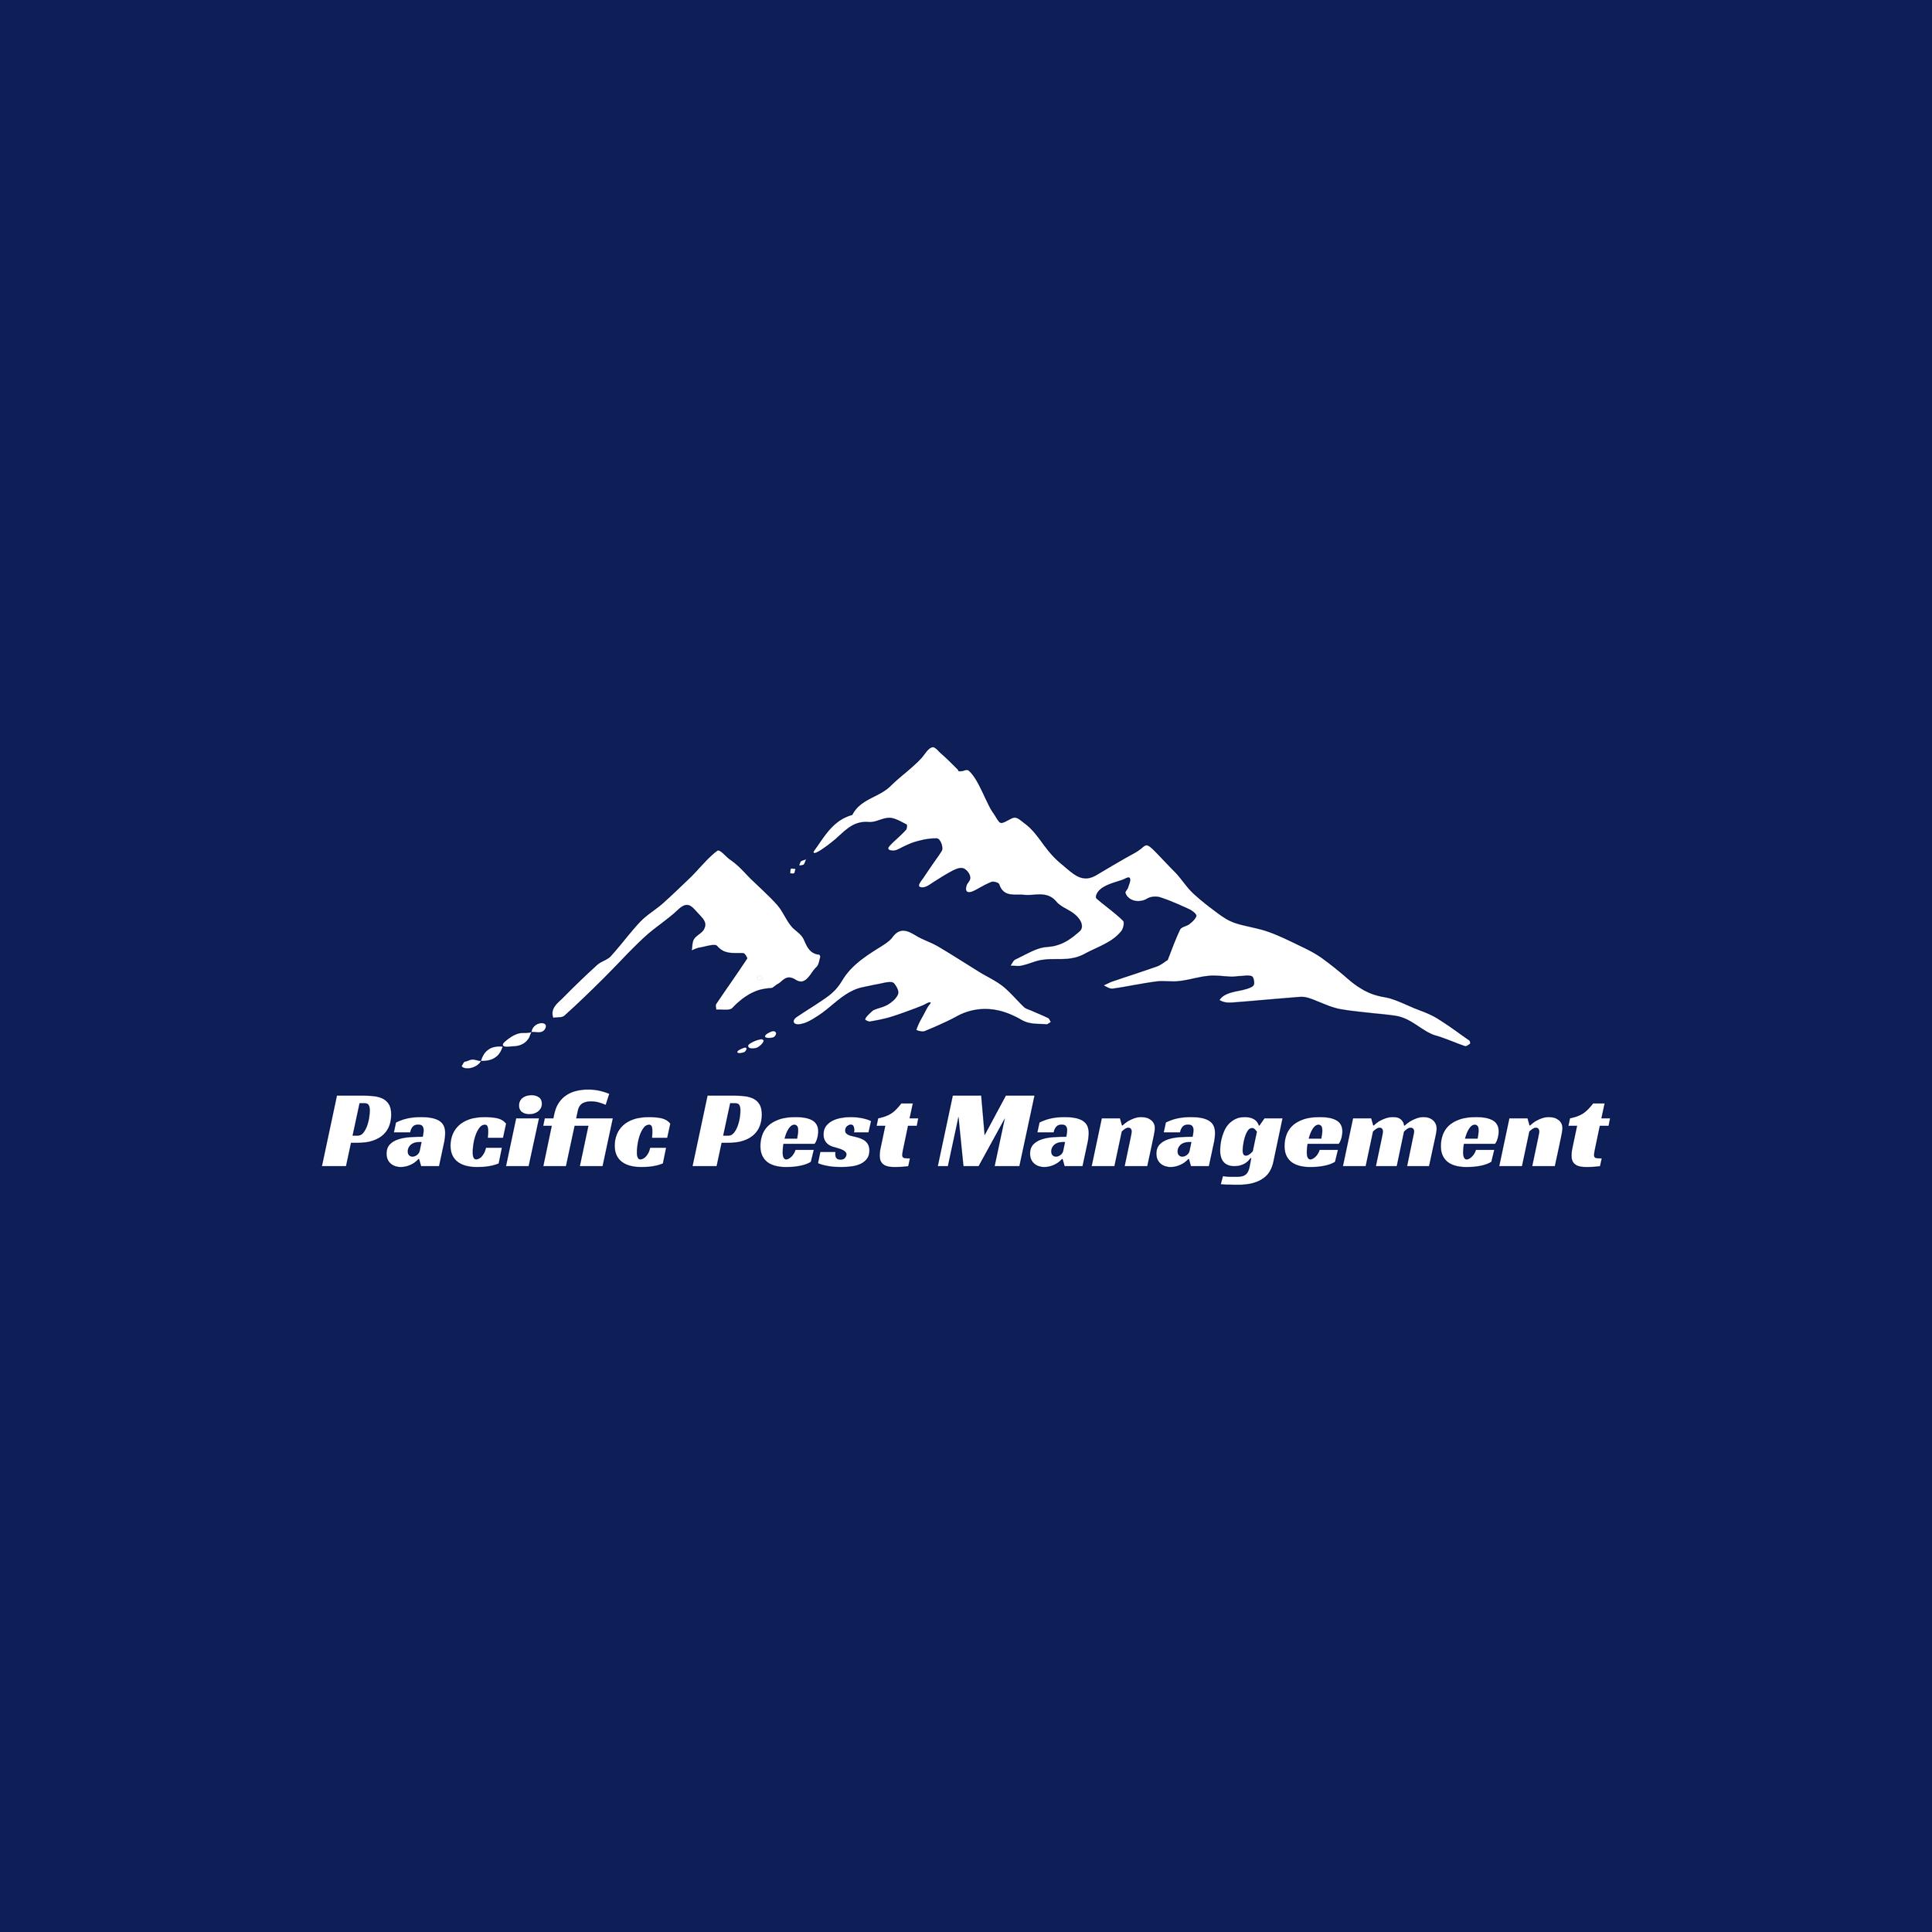 Pacific Pest Management logo